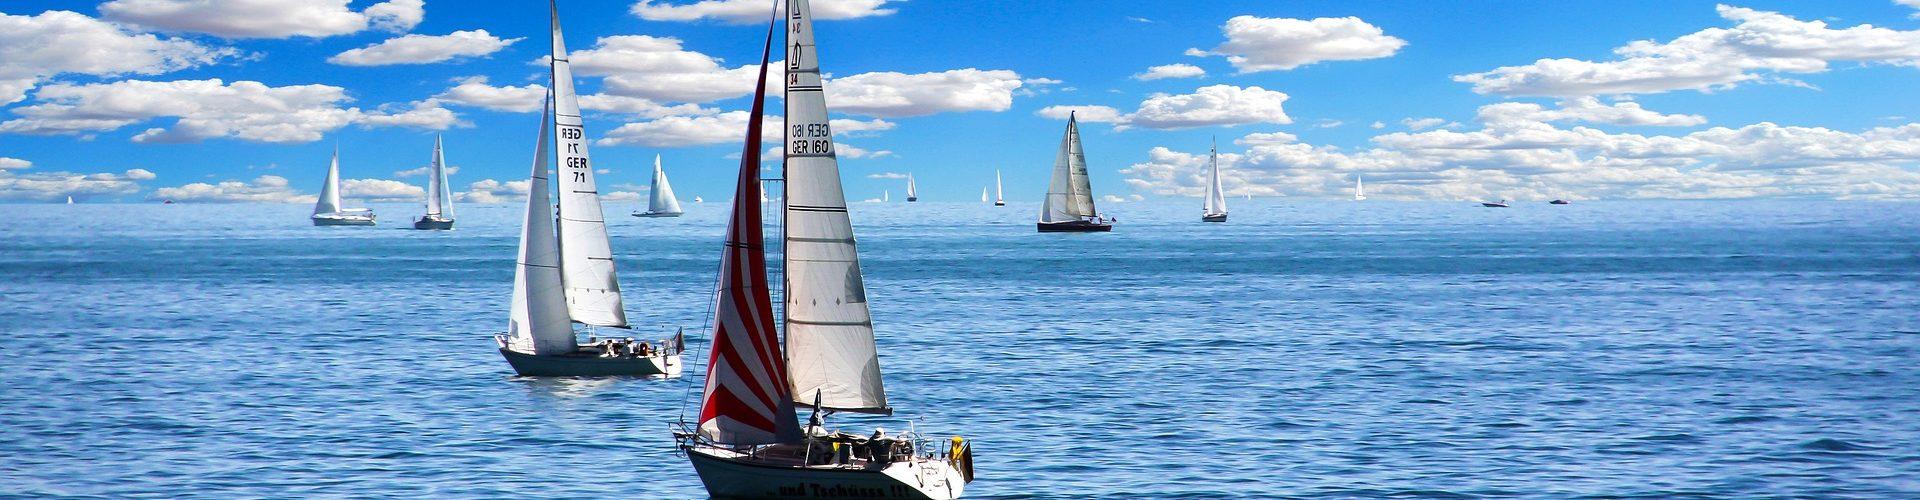 segeln lernen in Schwedeneck segelschein machen in Schwedeneck 1920x500 - Segeln lernen in Schwedeneck